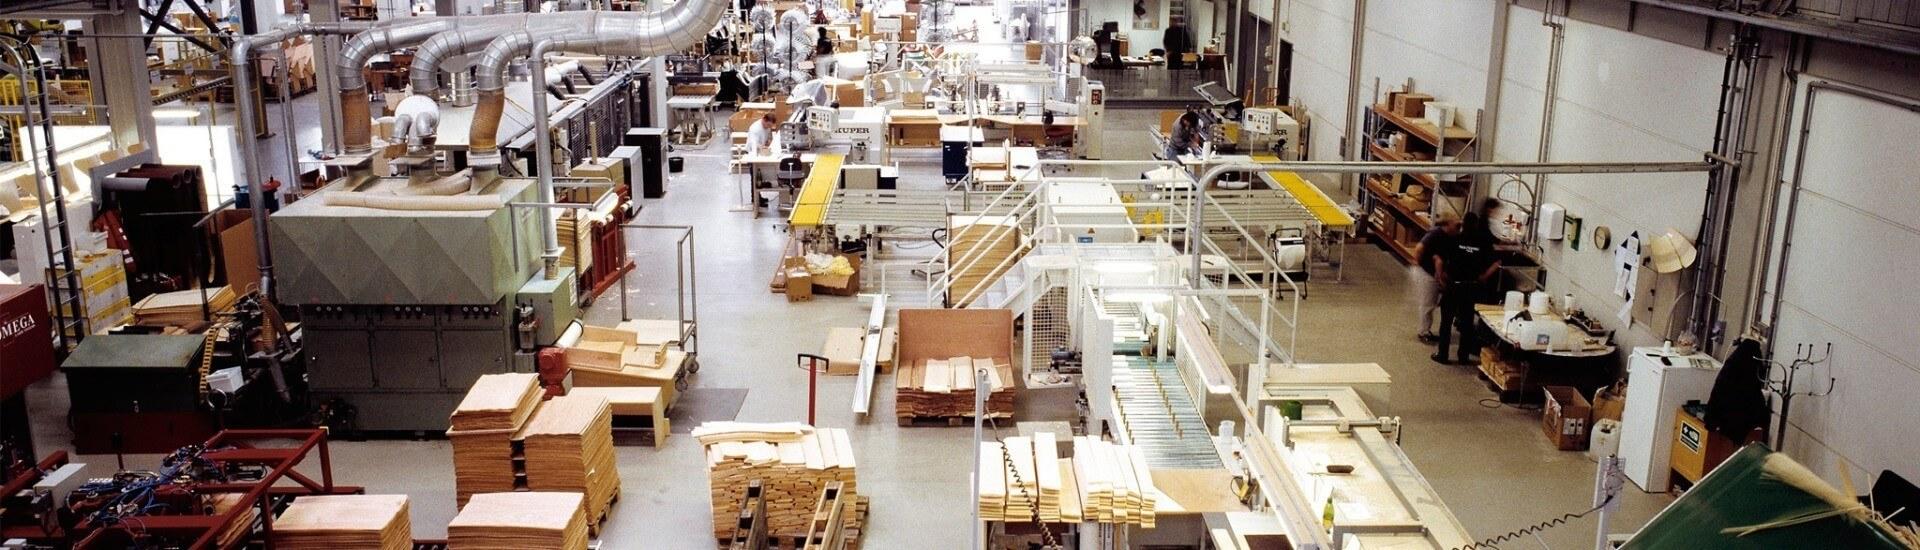 Mebellix - экономичная мебель. производство корпусной мебели.